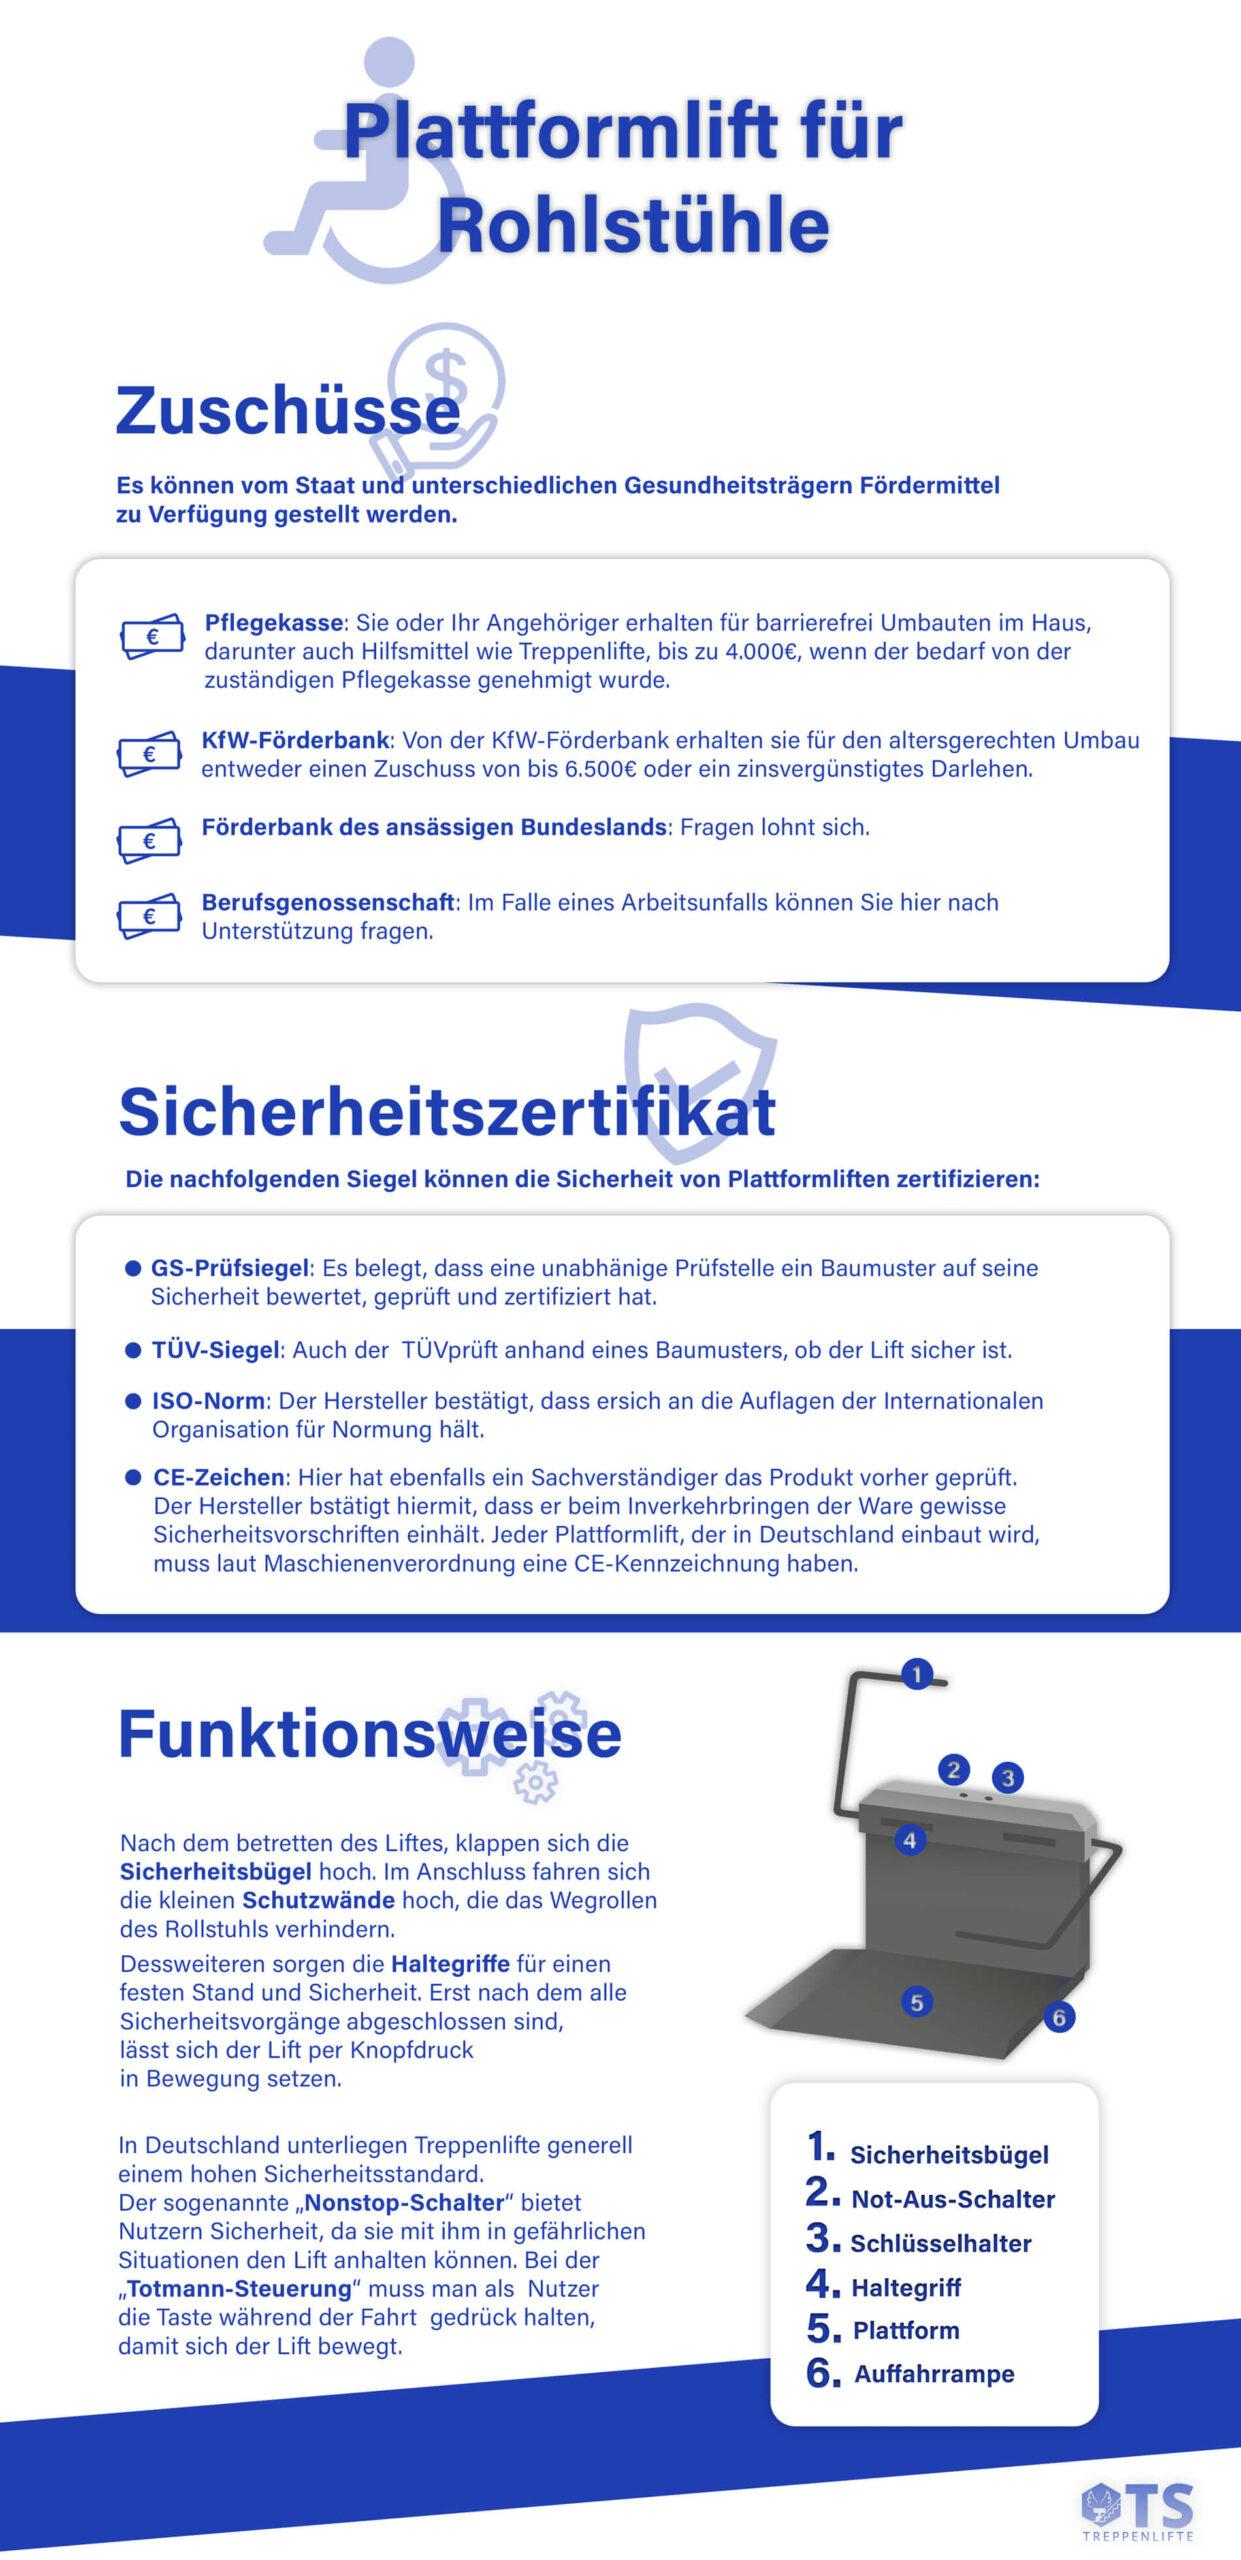 Infografik: Plattformlist für Rohlstühle